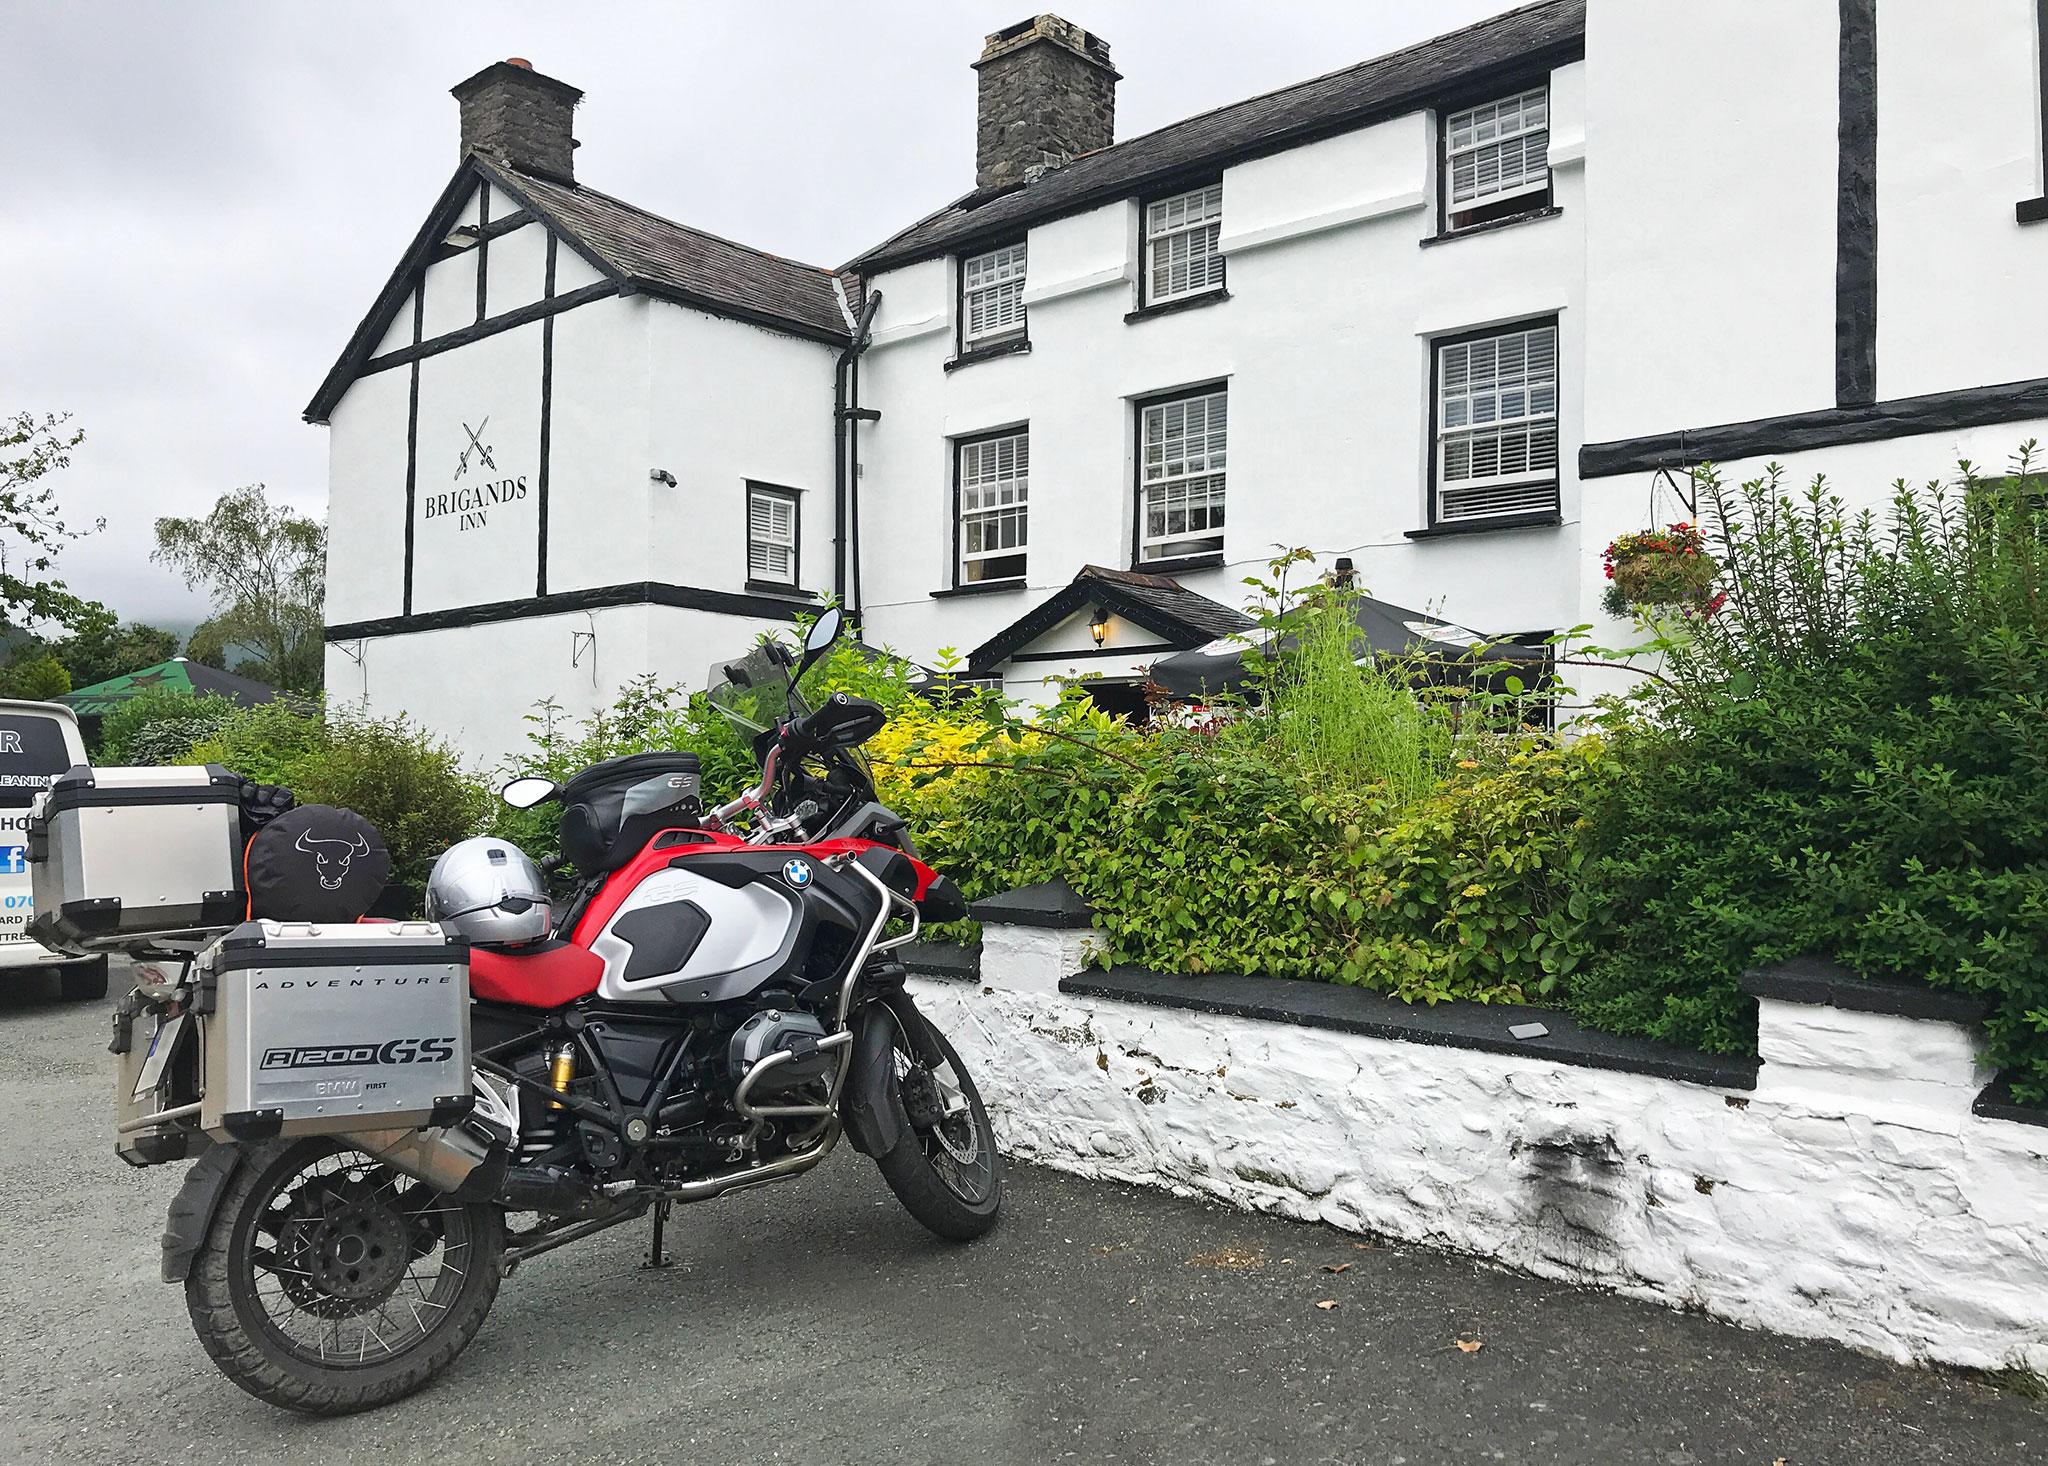 Brigands Inn - Mallwyd